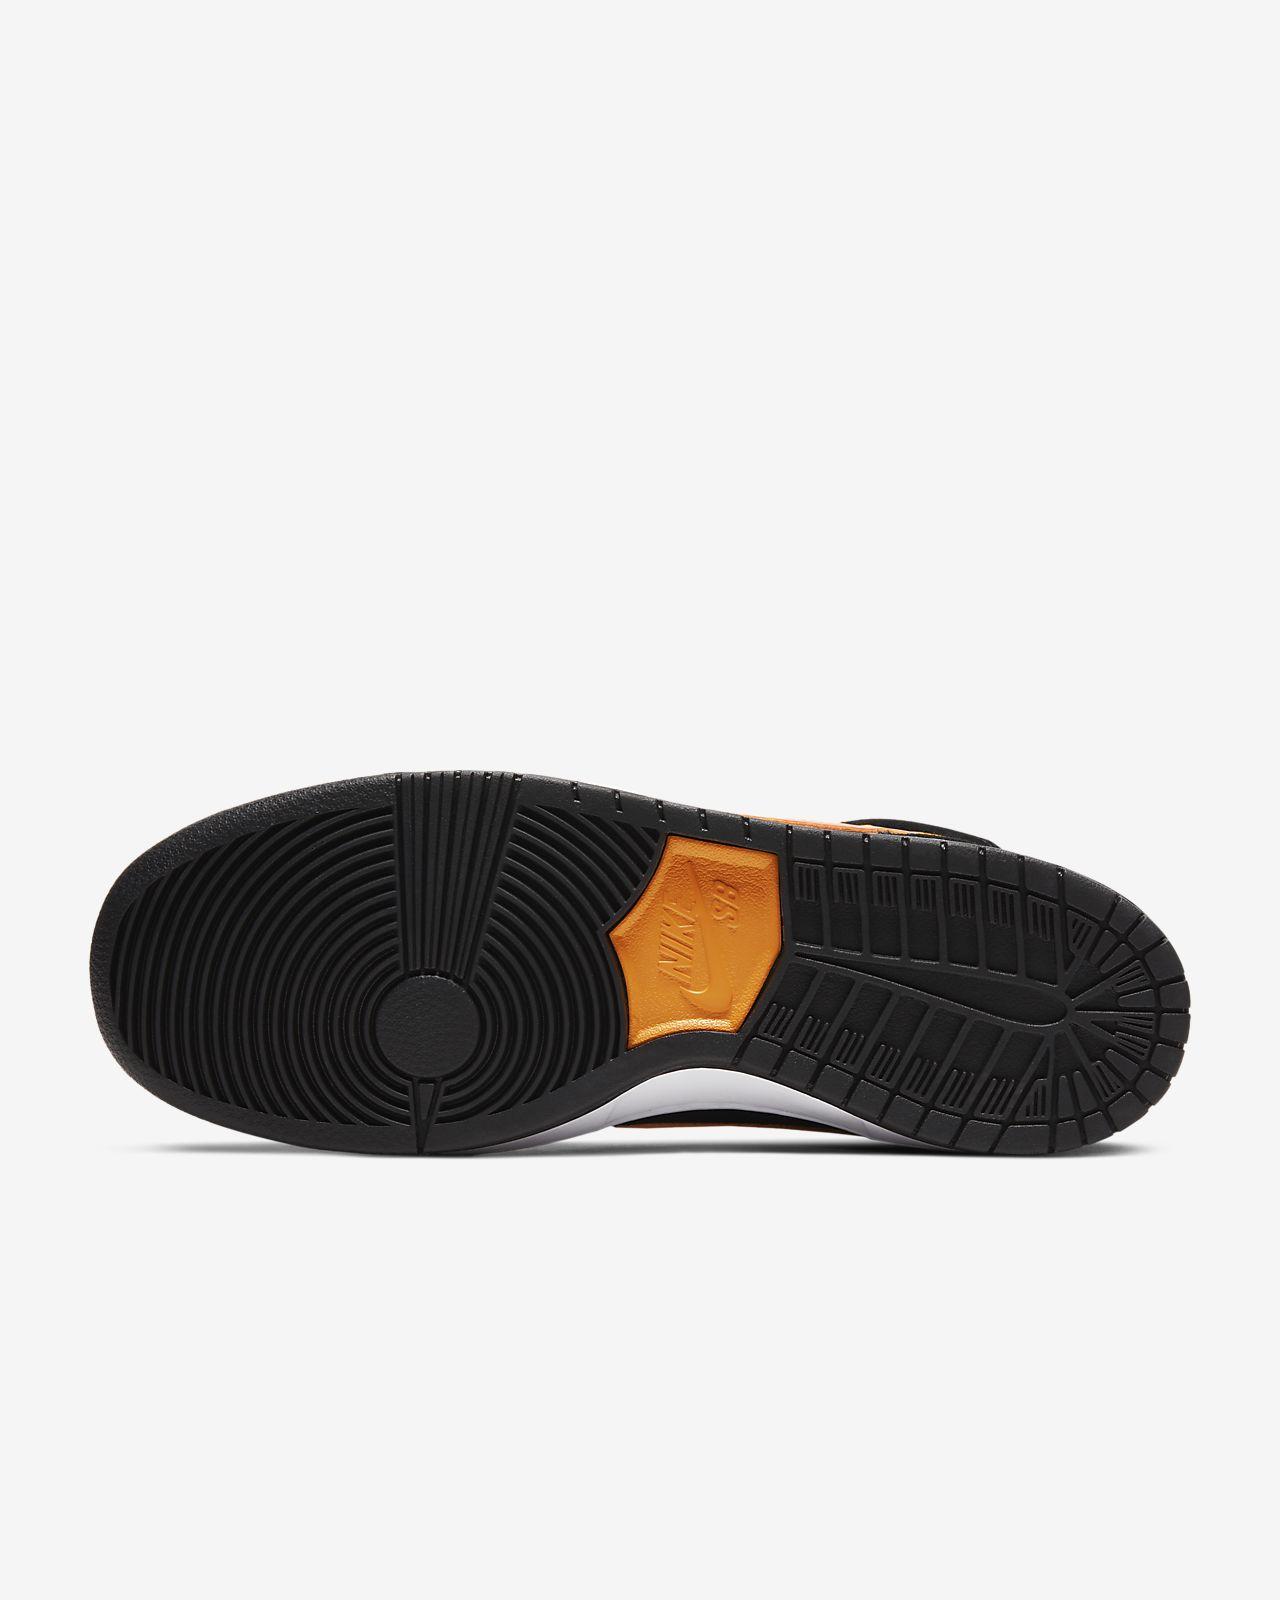 nike air huarache ultra, Nike dunk high all white,nike